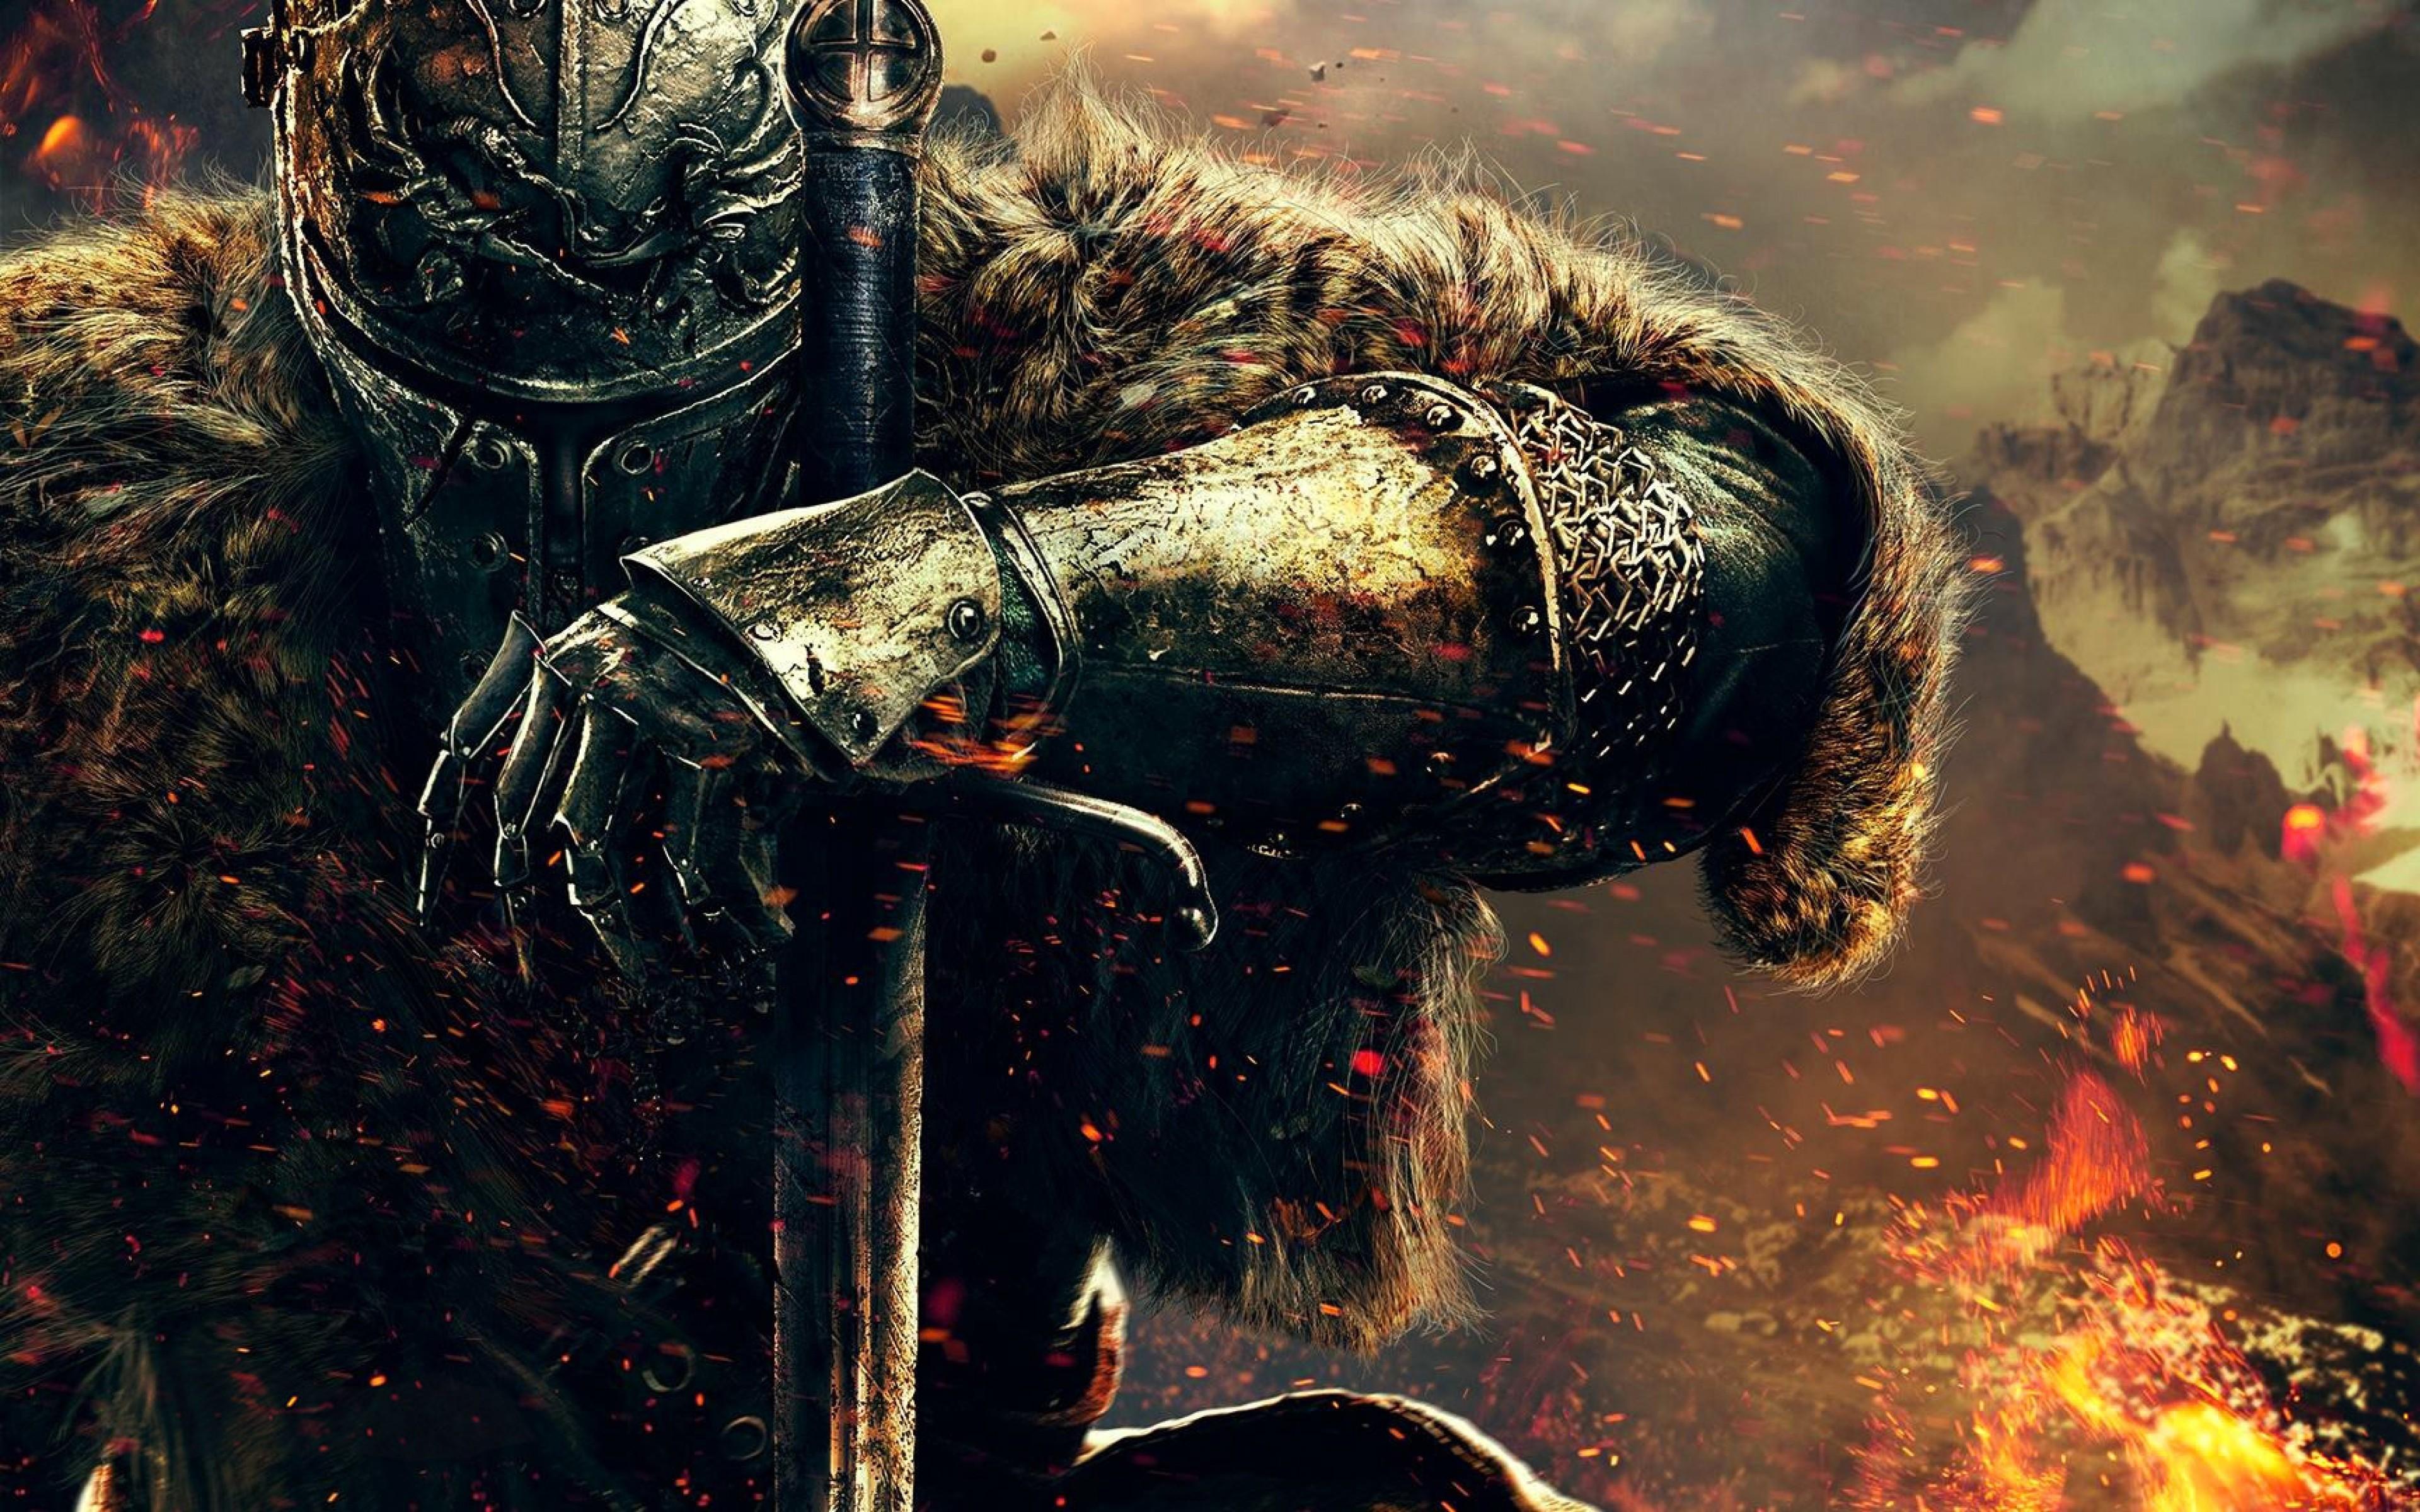 Ảnh nền đẹp kỵ sĩ chiến đấu